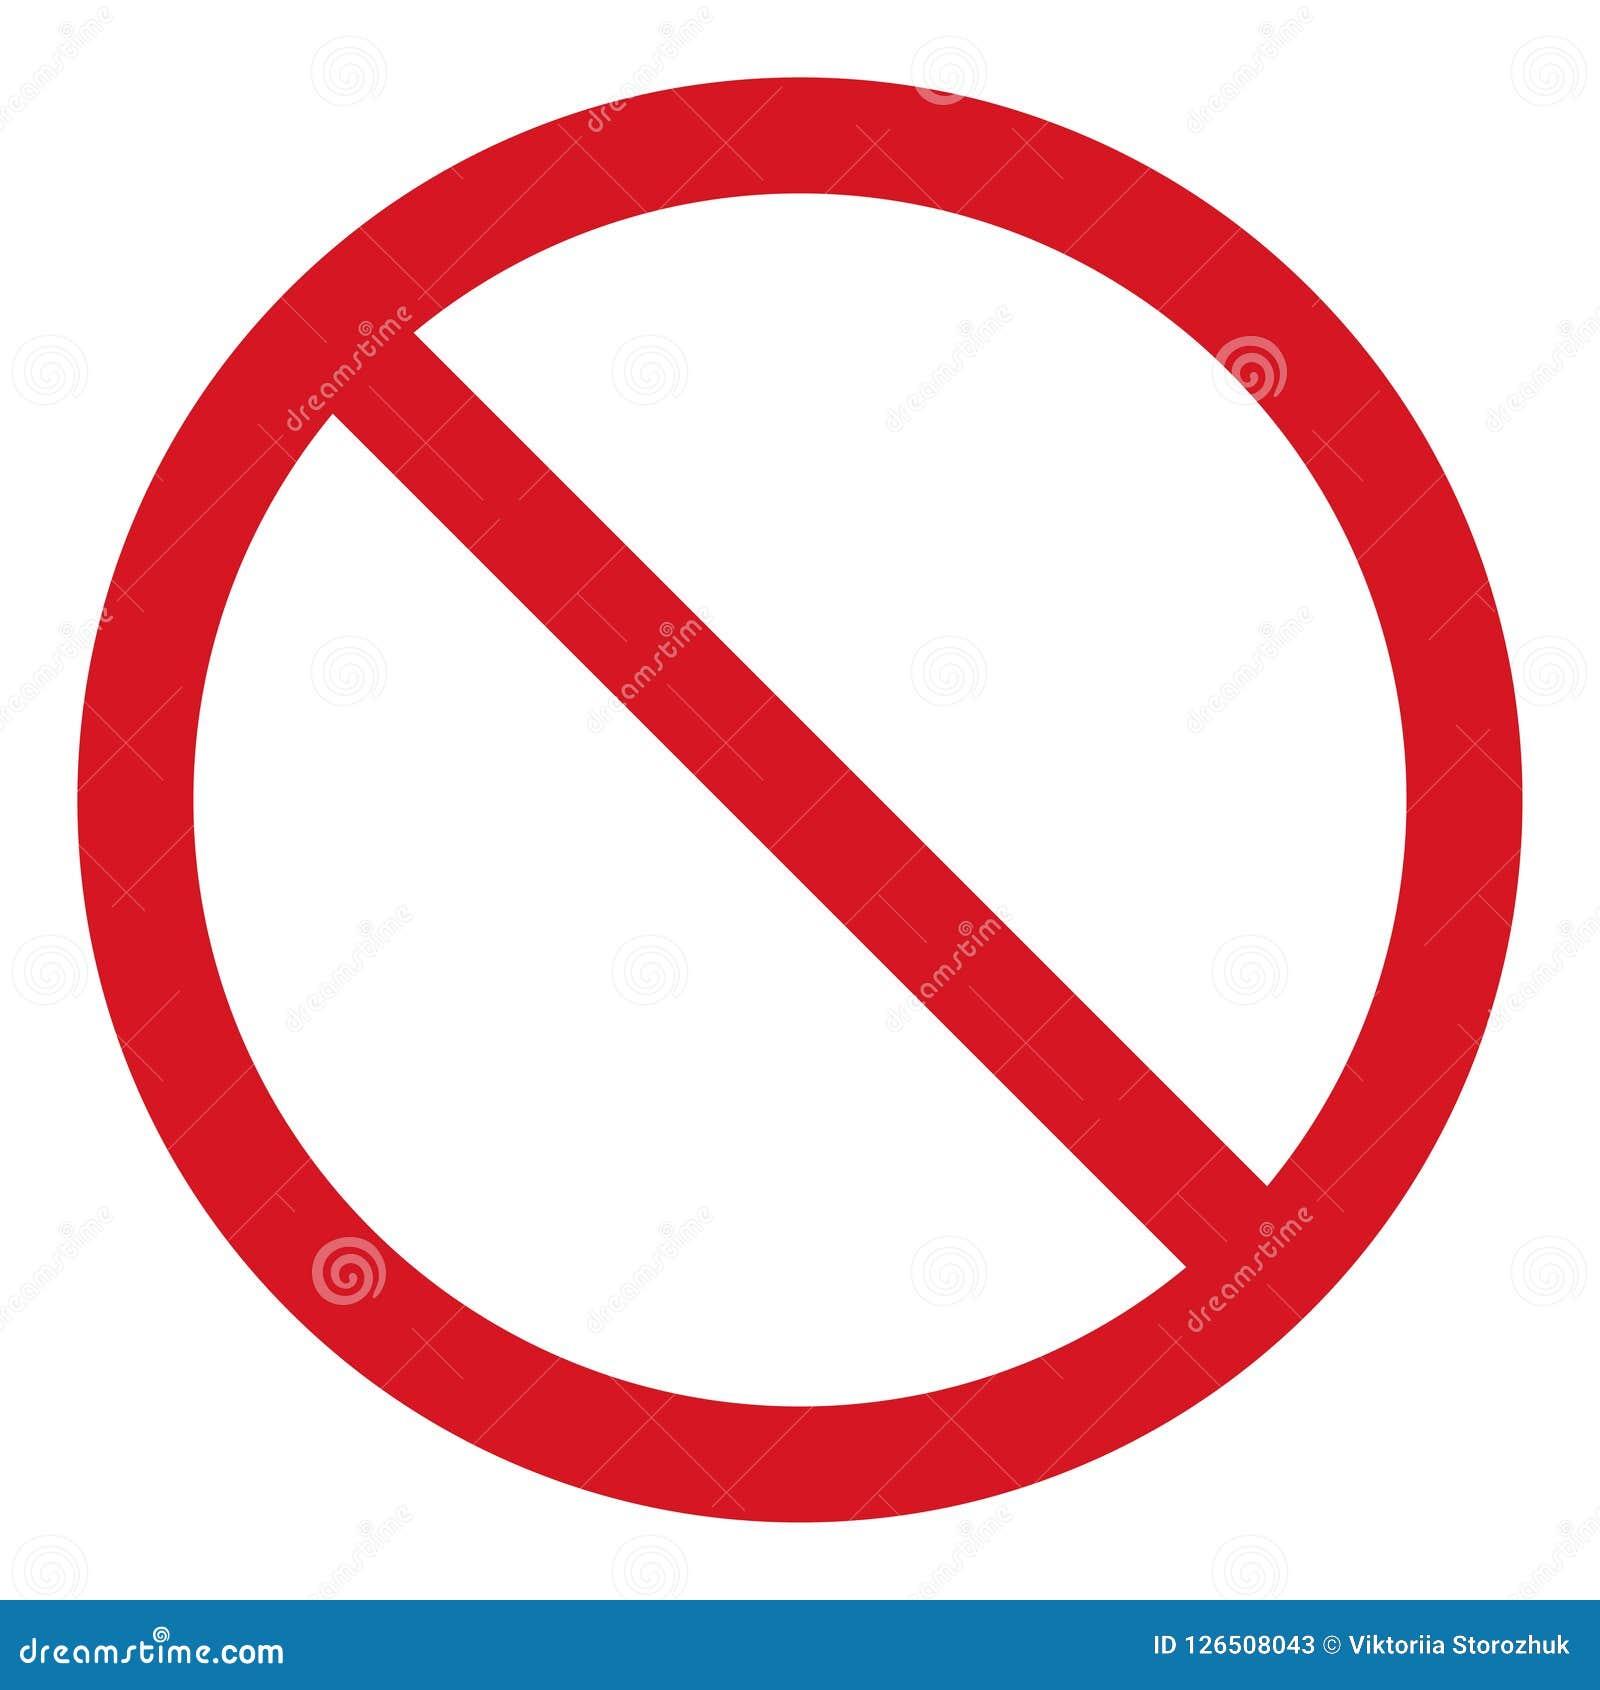 导航中止象,被禁止的段落,停车牌象,在白色背景,红色中止商标,禁止标志的没有词条标志